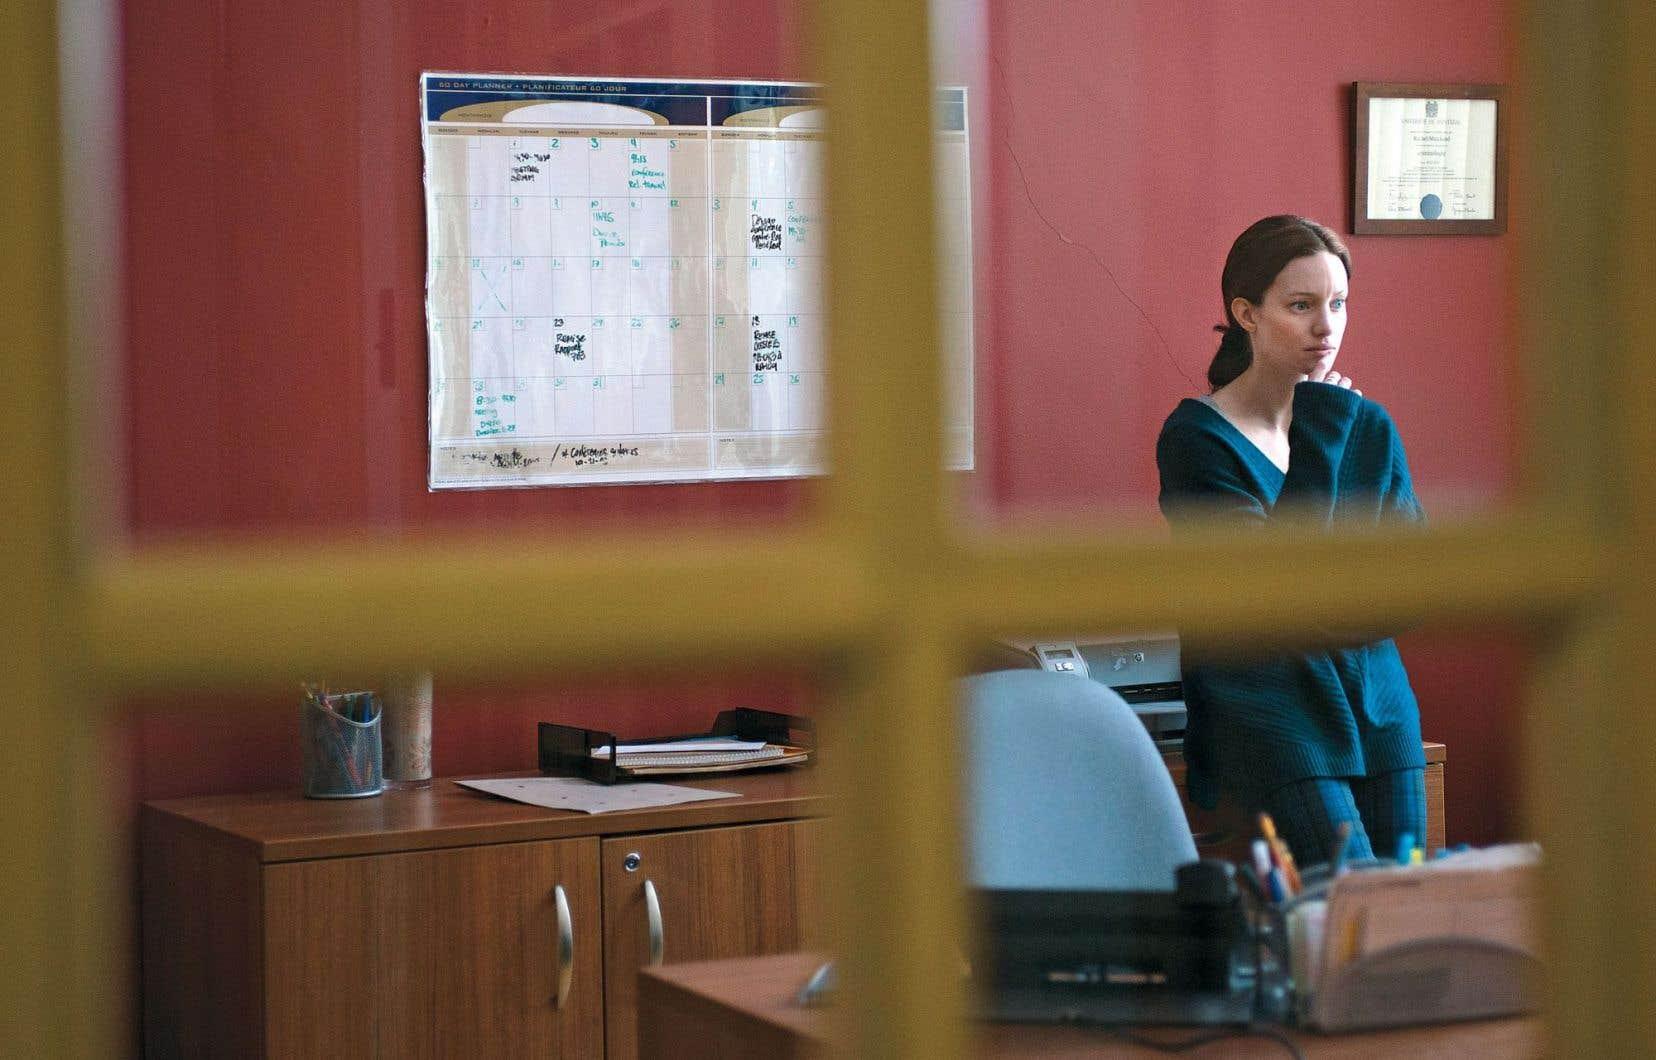 Le pivot de l'histoire, Rachel Marchand (excellente Laurence Lebœuf), voit sa vie personnelle et professionnelle s'effondrer quand un de ses «protégés» se suicide après qu'elle l'eut fait arrêter pour une peccadille.